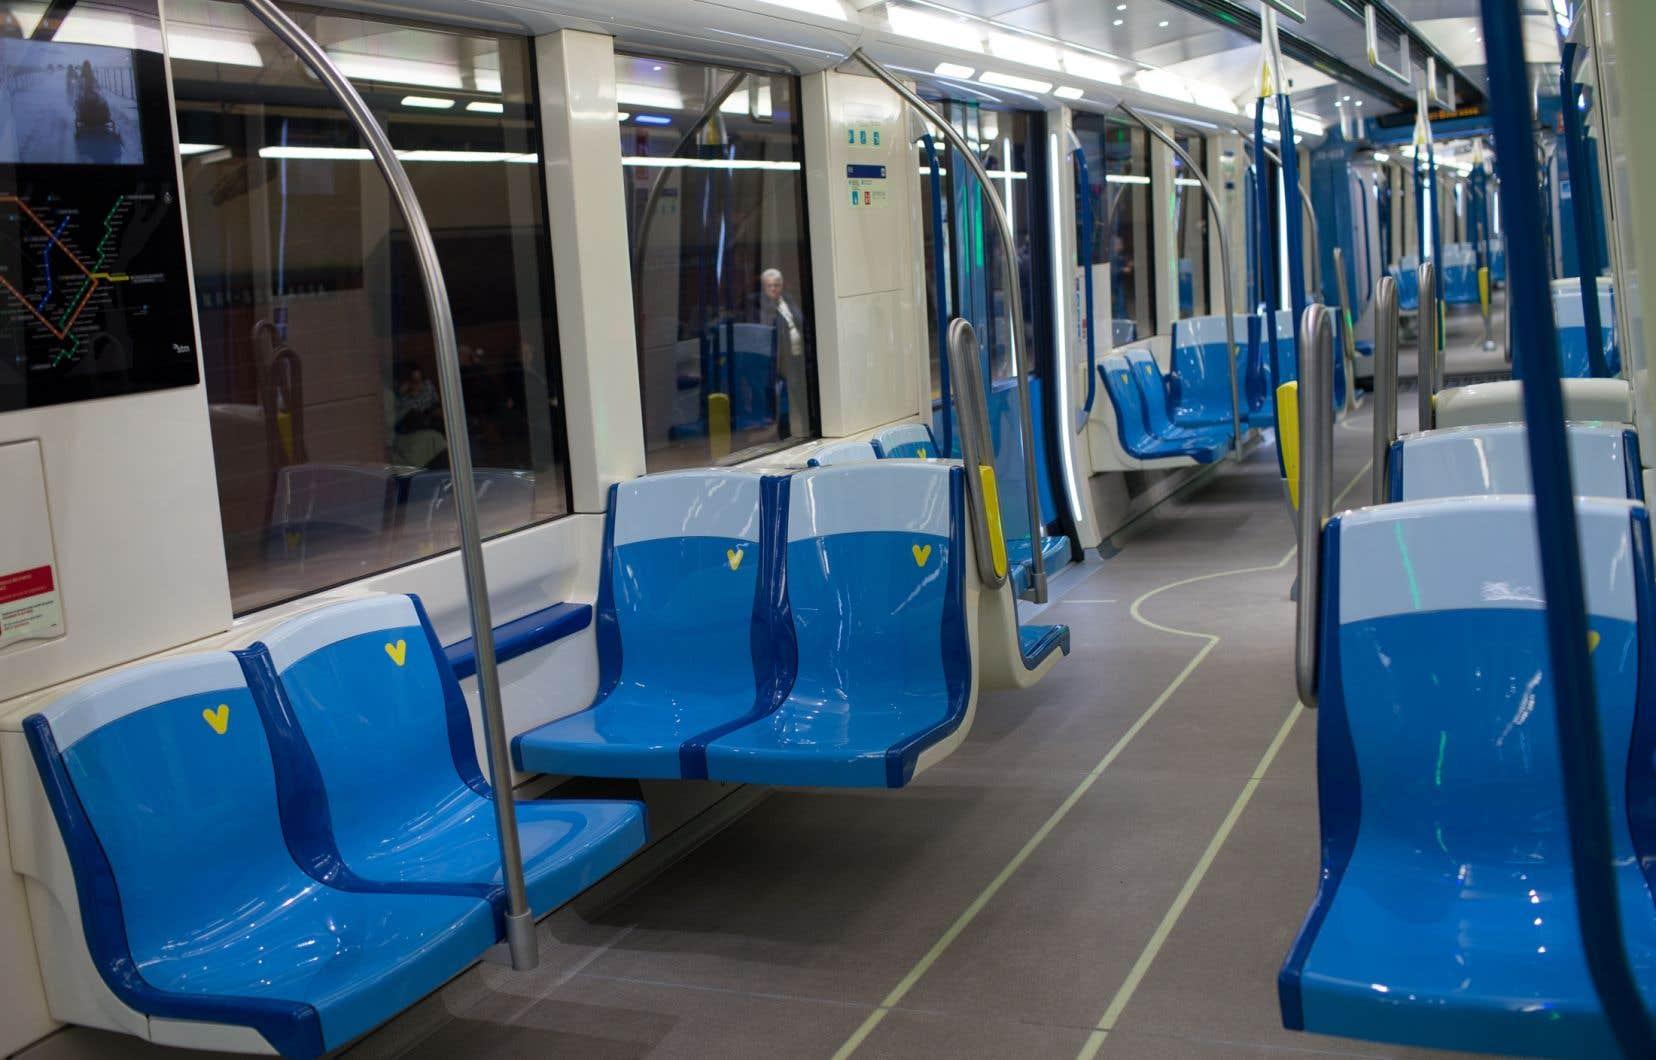 Les éléments intérieurs des voitures de métro seront nettoyés au moins une fois à tous les sept jours.